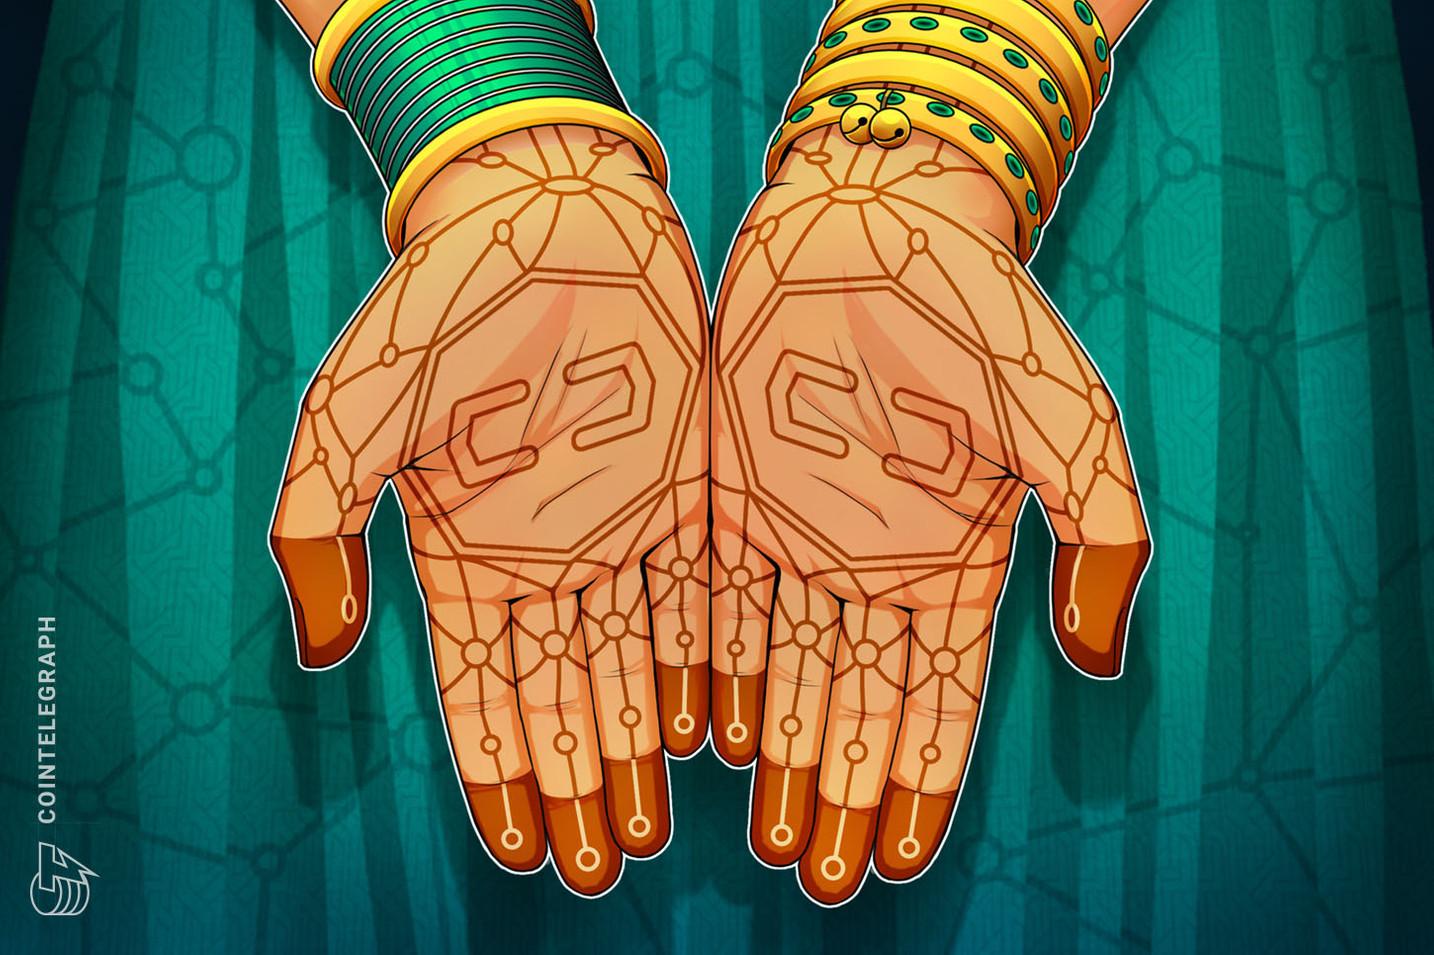 Esboço de estratégia nacional de blockchain da Índia sugere desenvolvimento da rupia digital